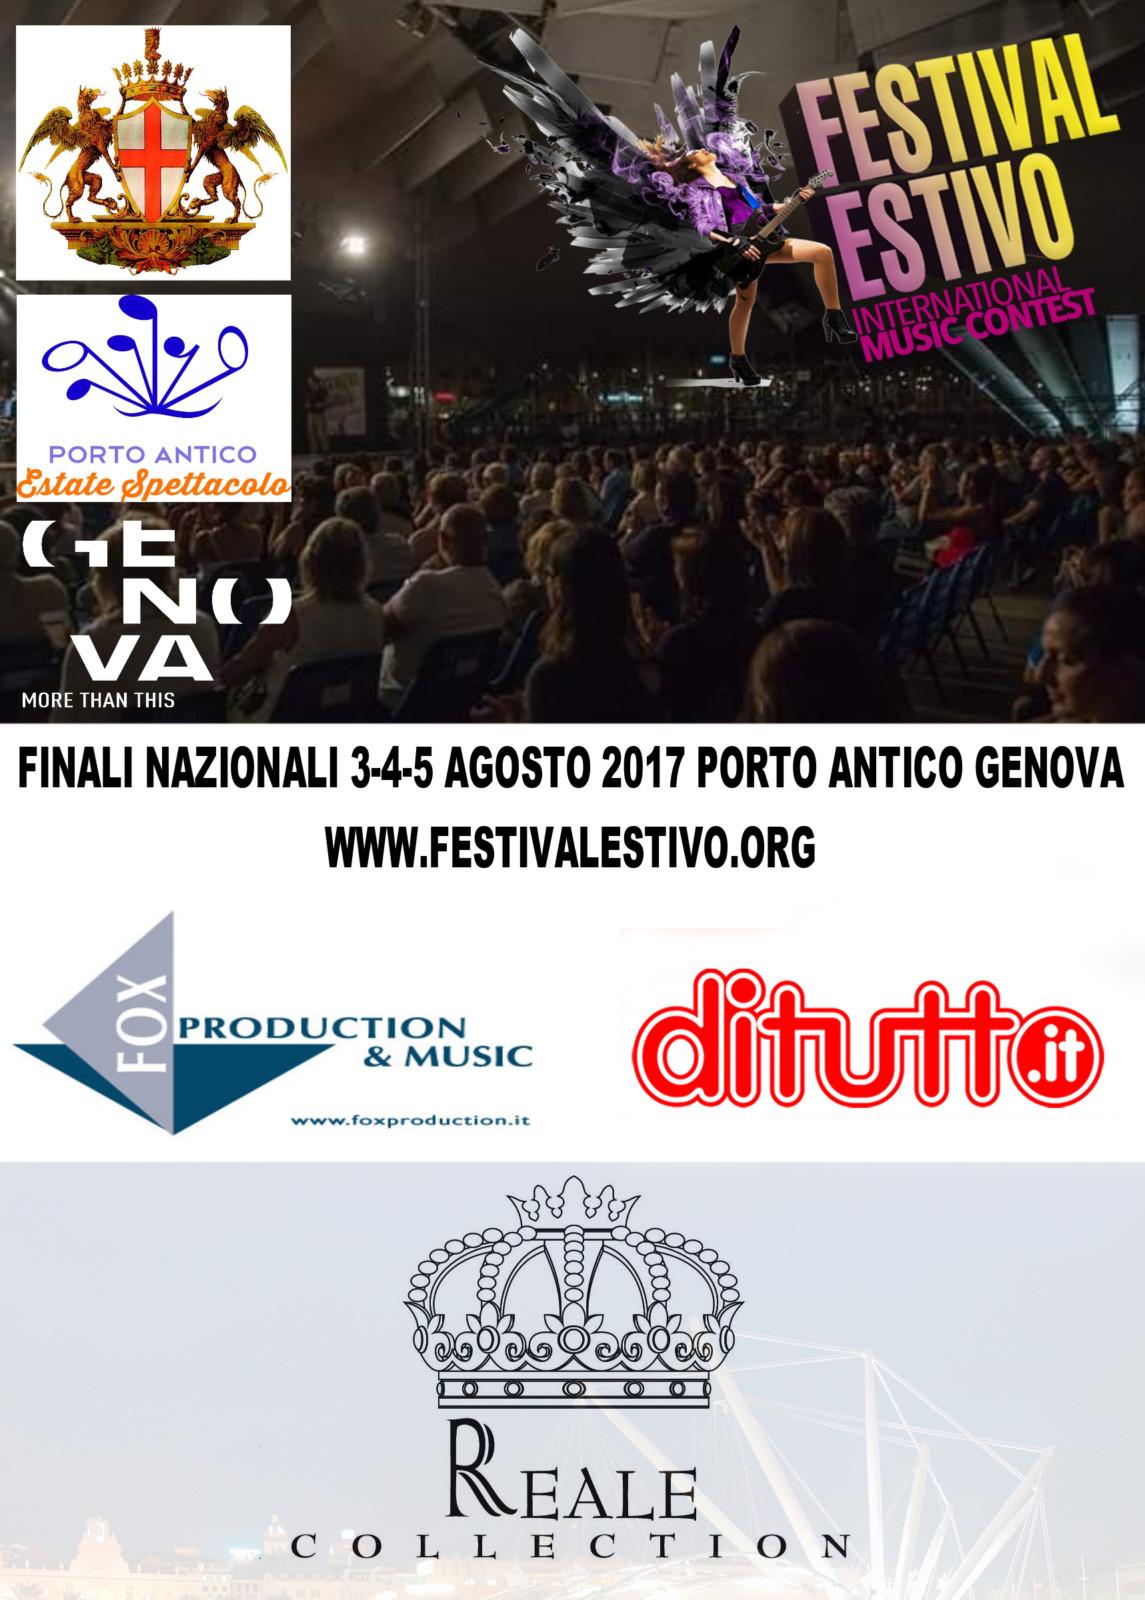 pagina festival 2017 ditutto_2